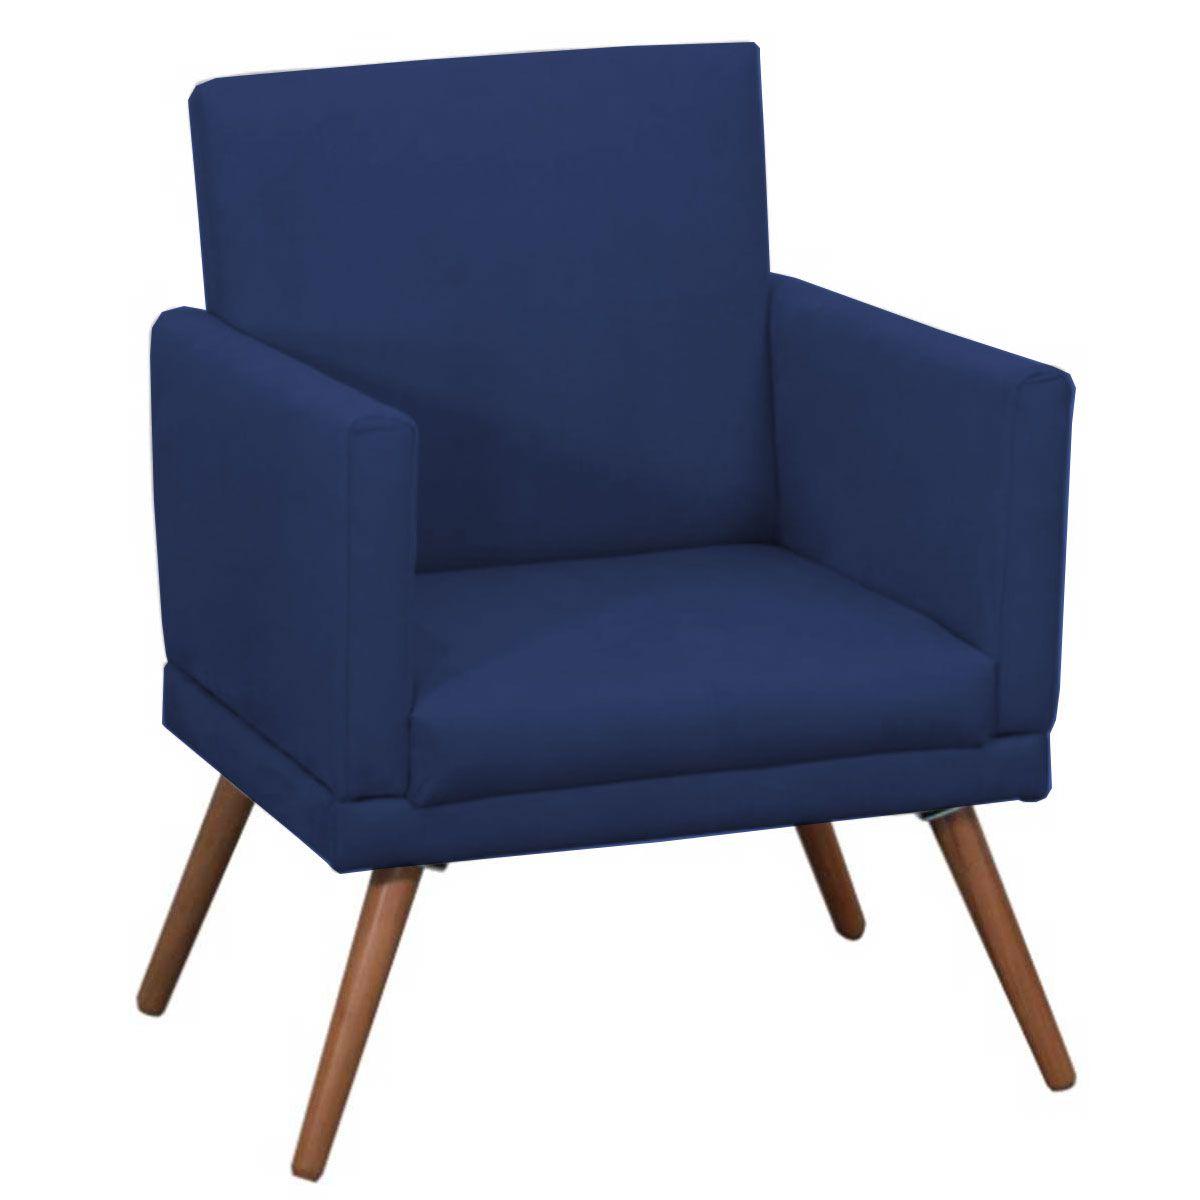 Poltrona Decorativa New Nina Luxo Pé Palito Azul Marinho